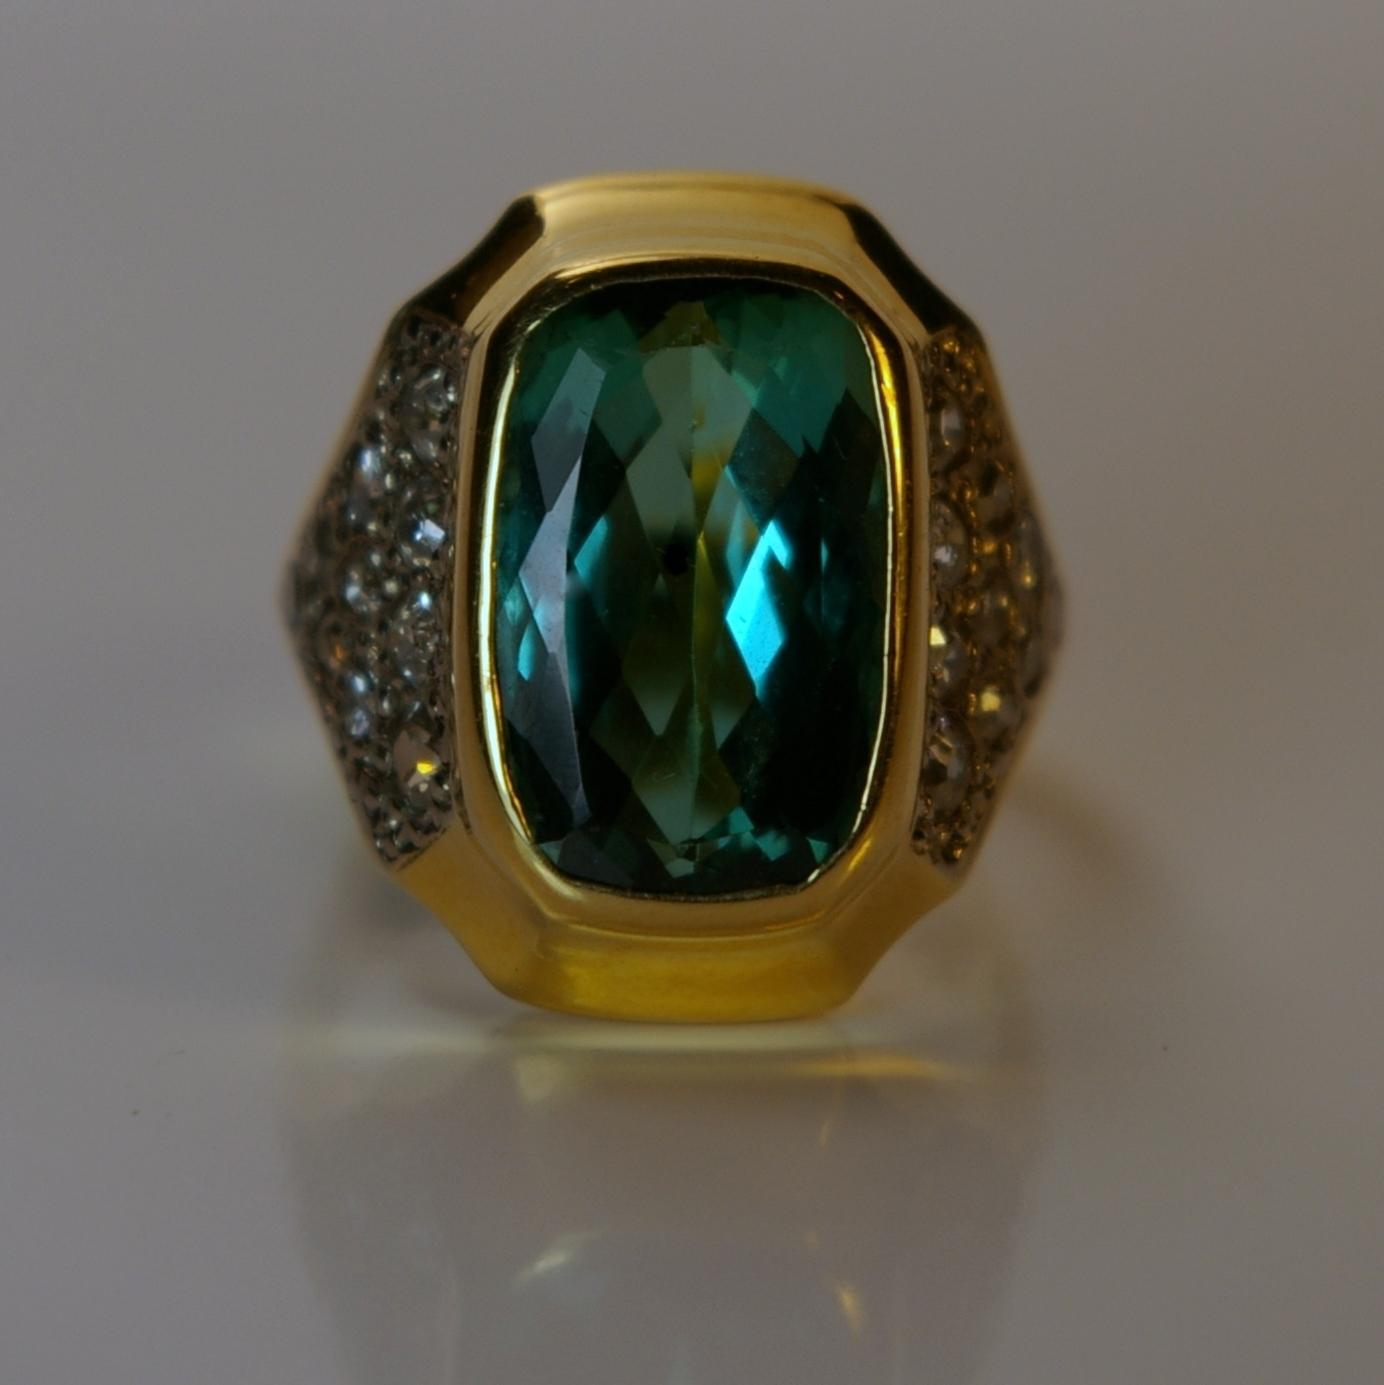 18 Karat Yellow Gold with diamonds .80 carats total weight. Center stone Tourmaline 6.35 carats